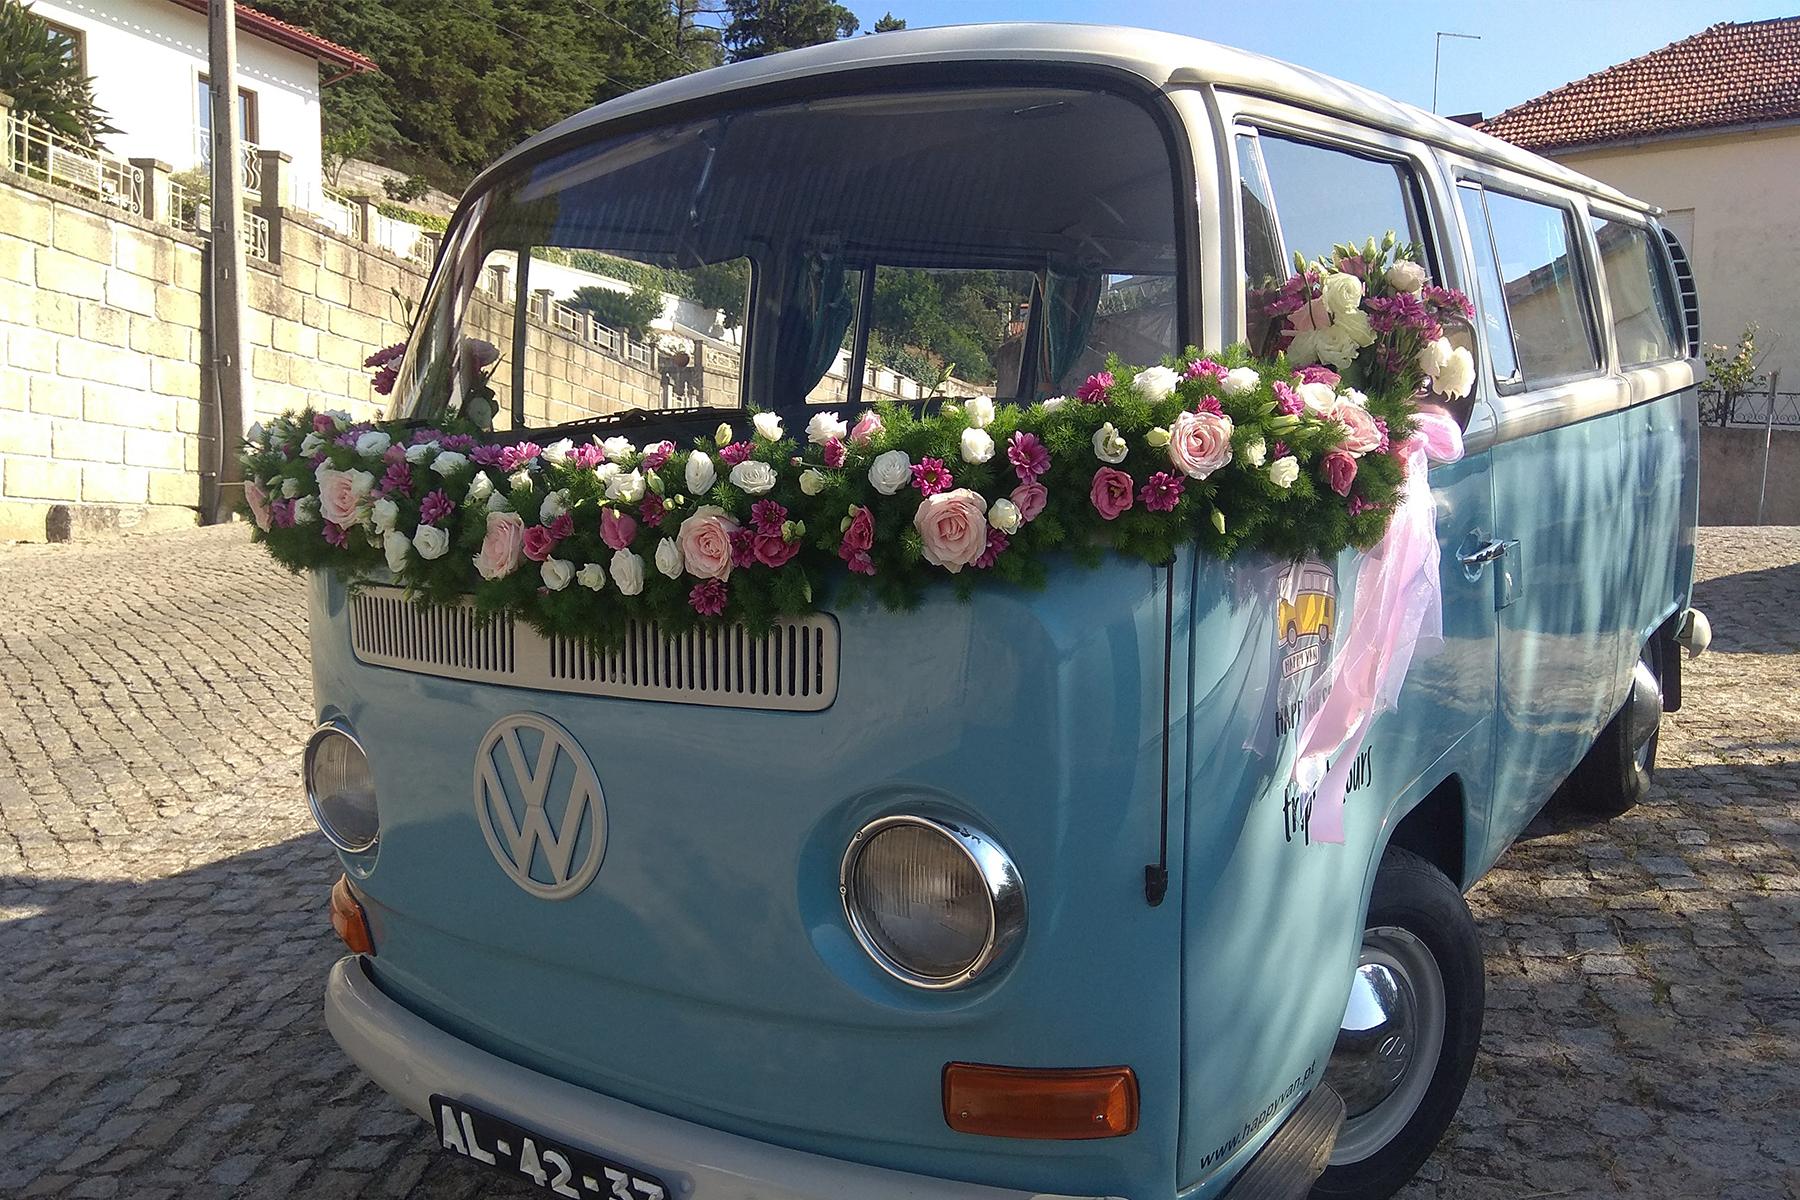 wedding_algarve_van_flowers